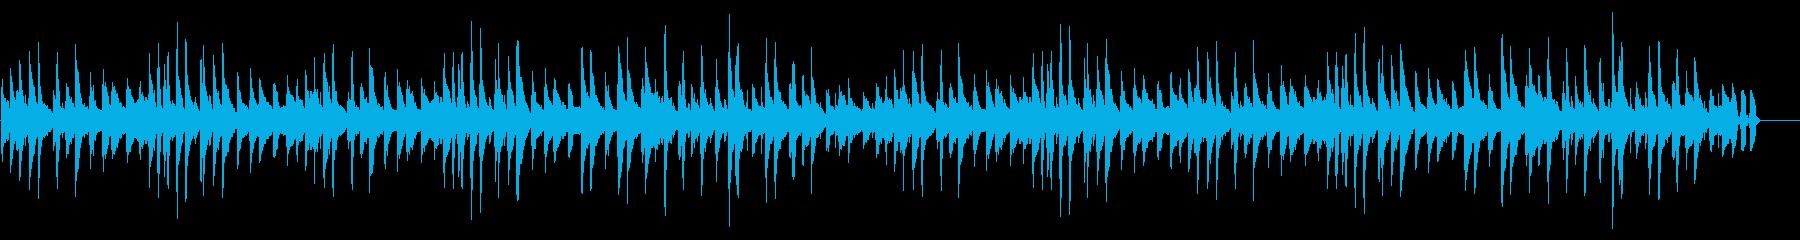 【木琴】ほのぼのお散歩の再生済みの波形